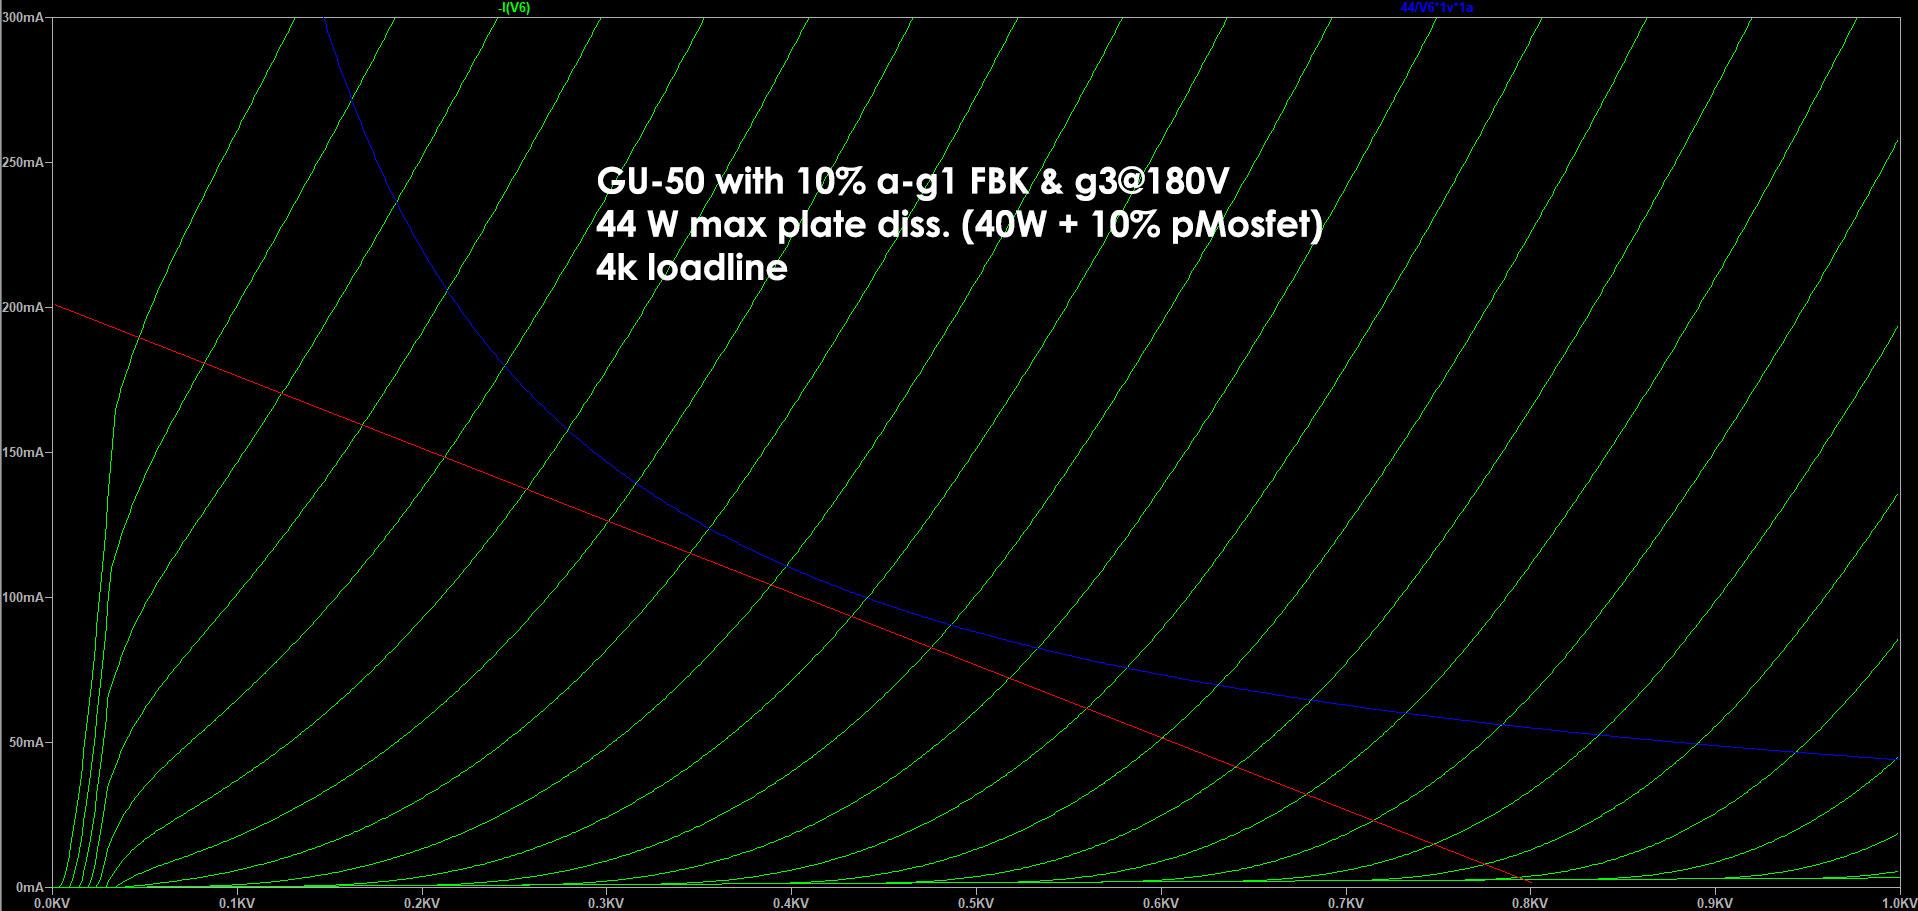 UNSET is coming?-gu50-10-g1-4kra-420vb-jpg